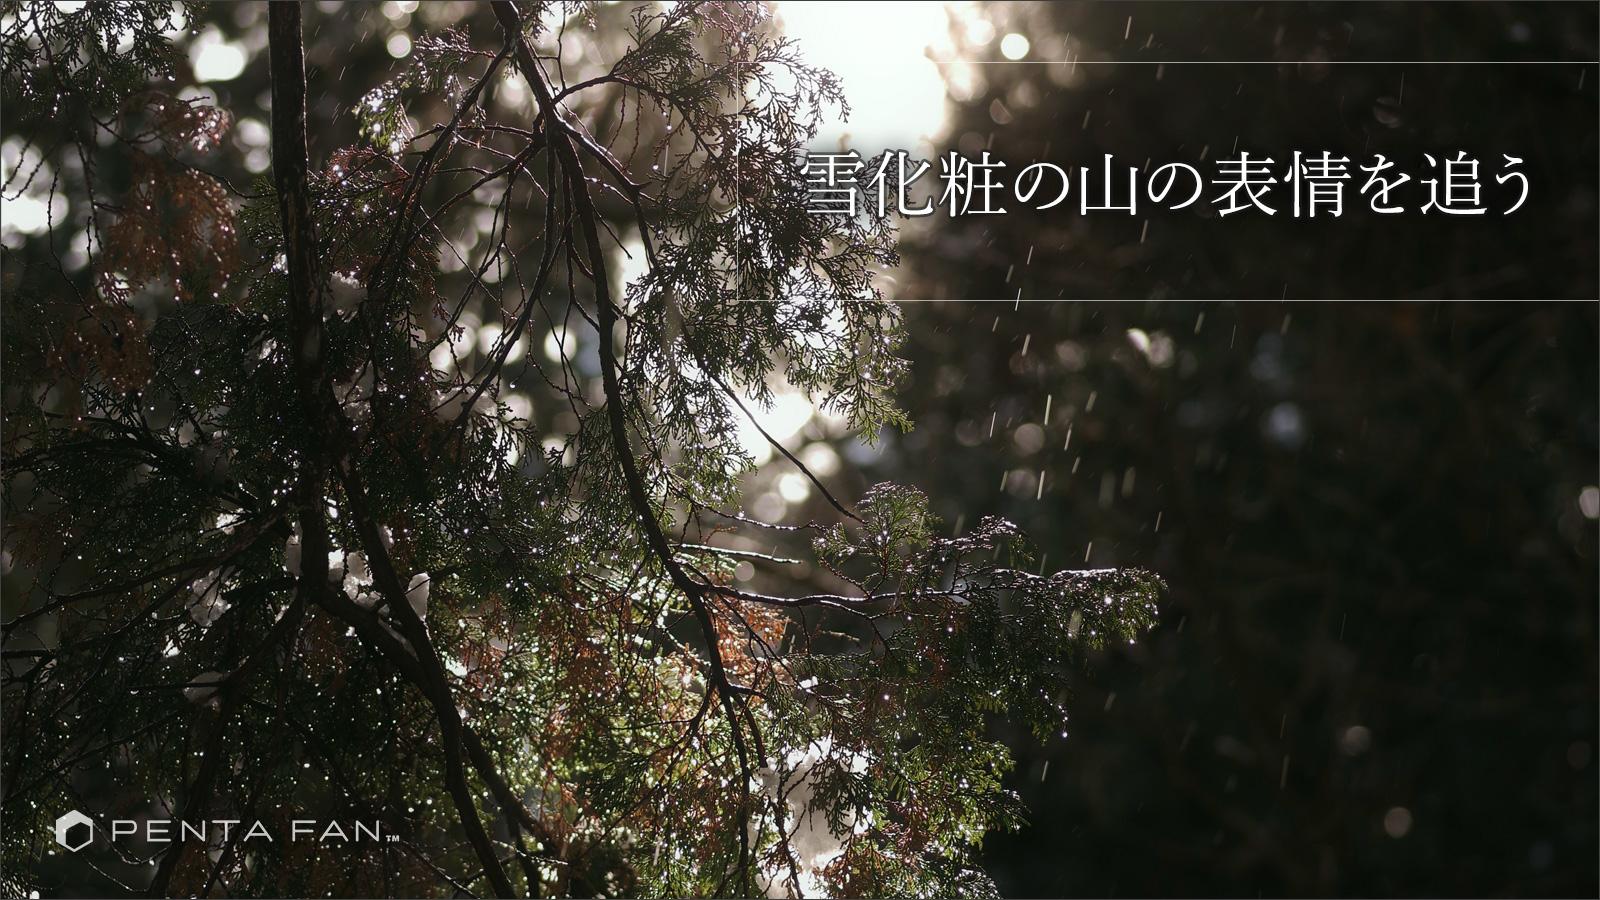 【雨にうたえば:番外編】雪に躍る森の風景 ─ 埼玉県武甲山(秩父市・横瀬町)